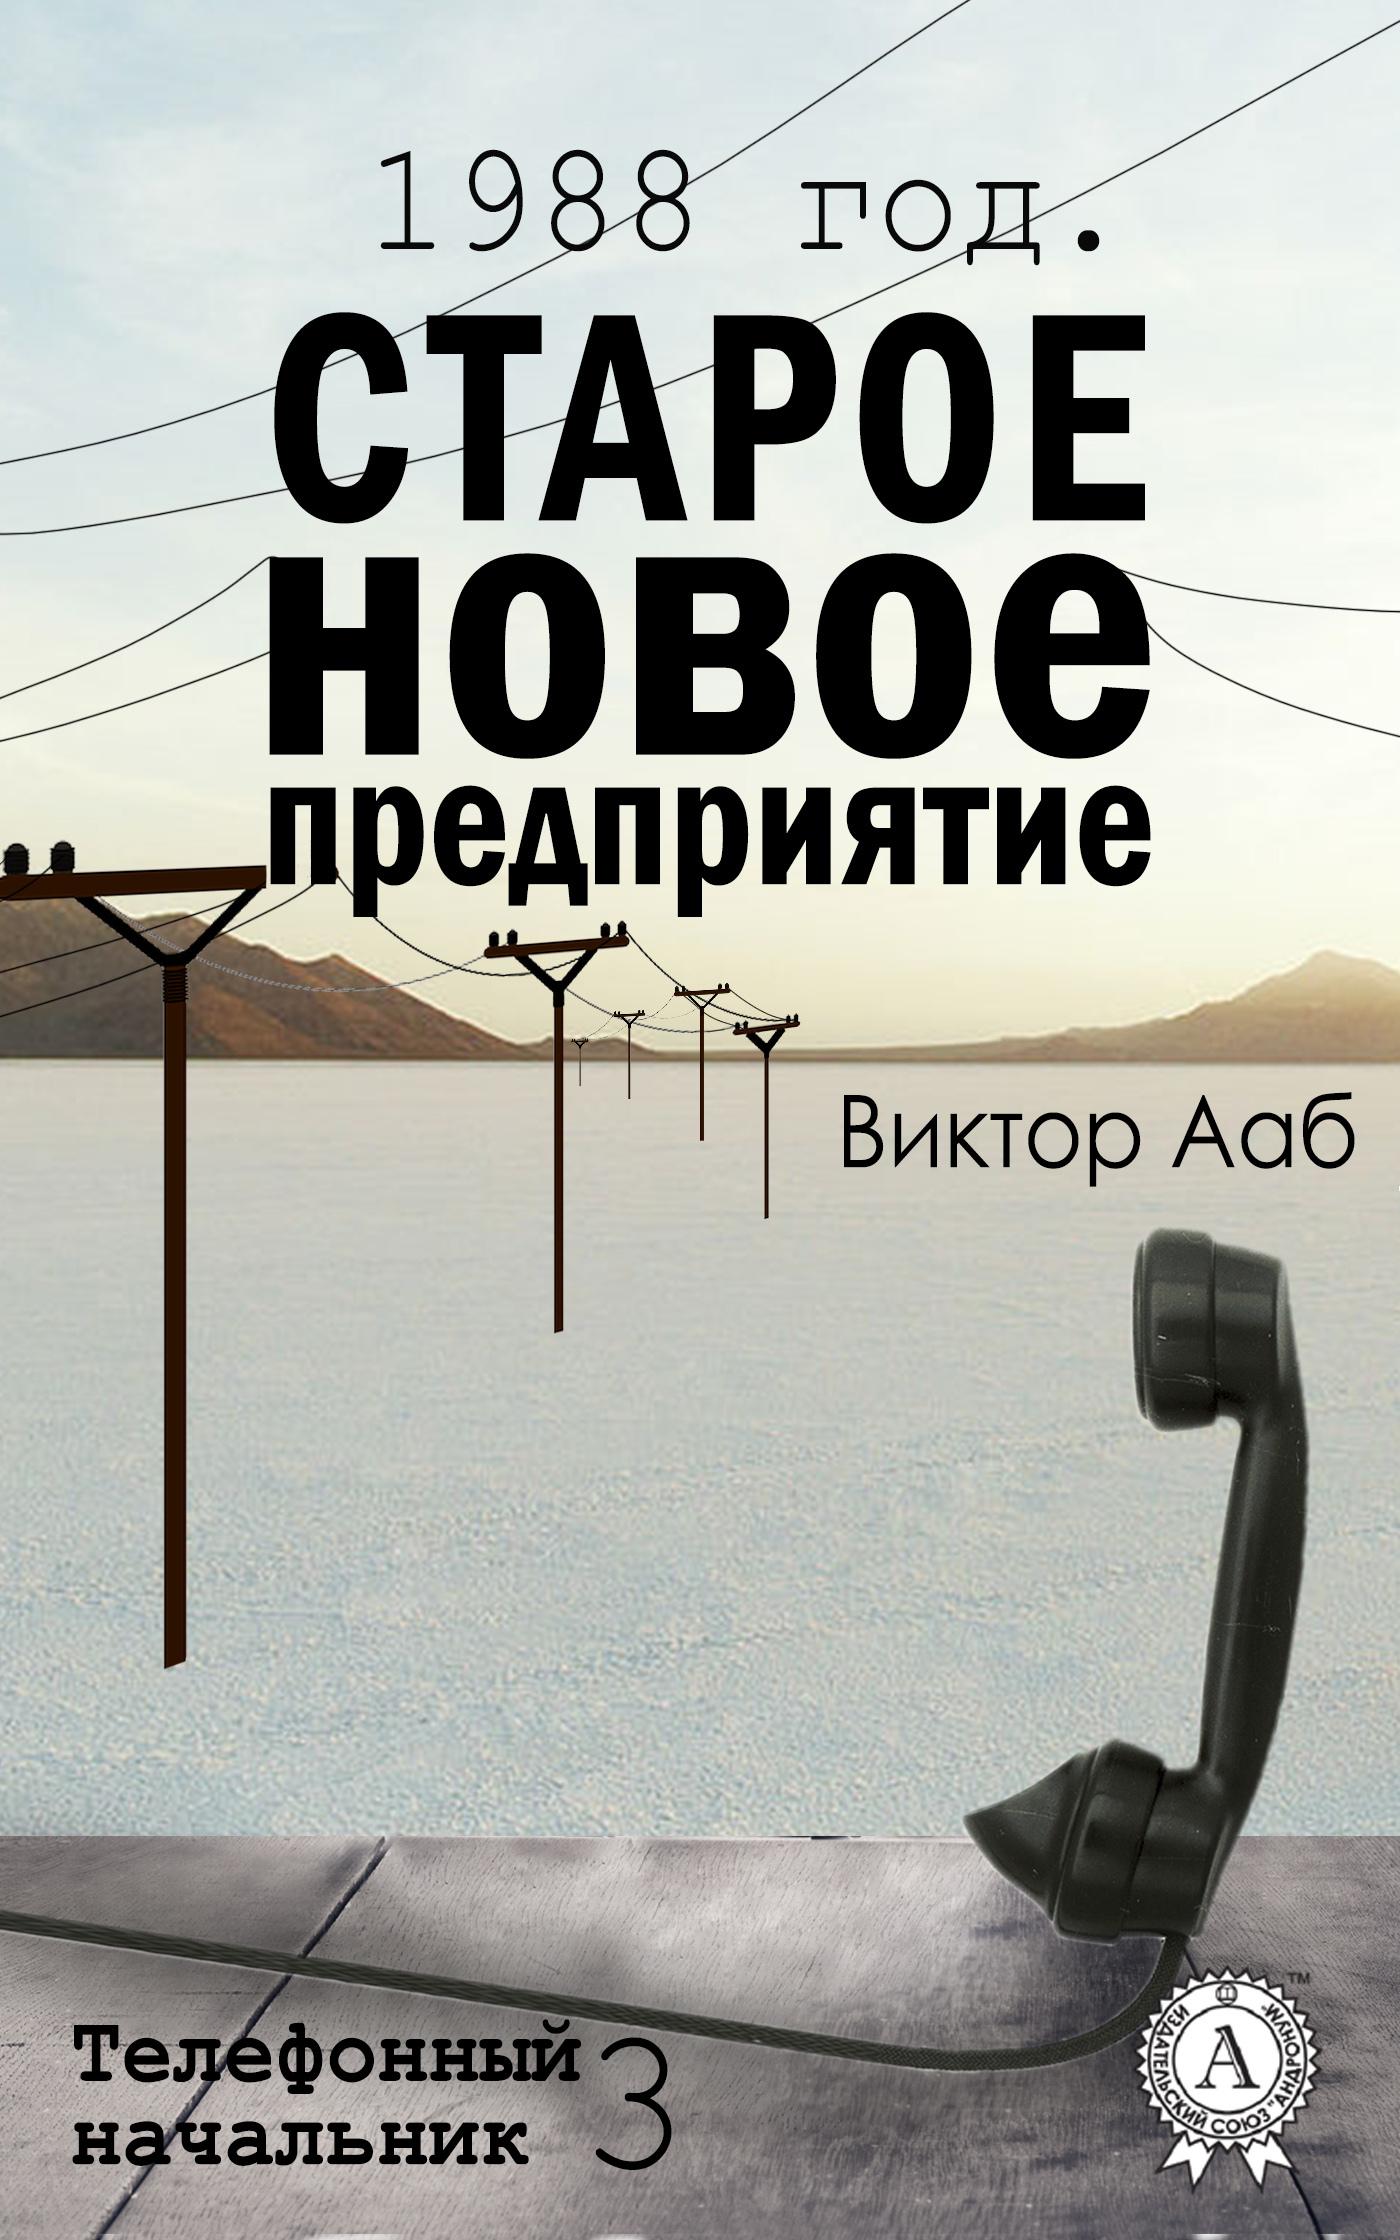 Виктор Ааб